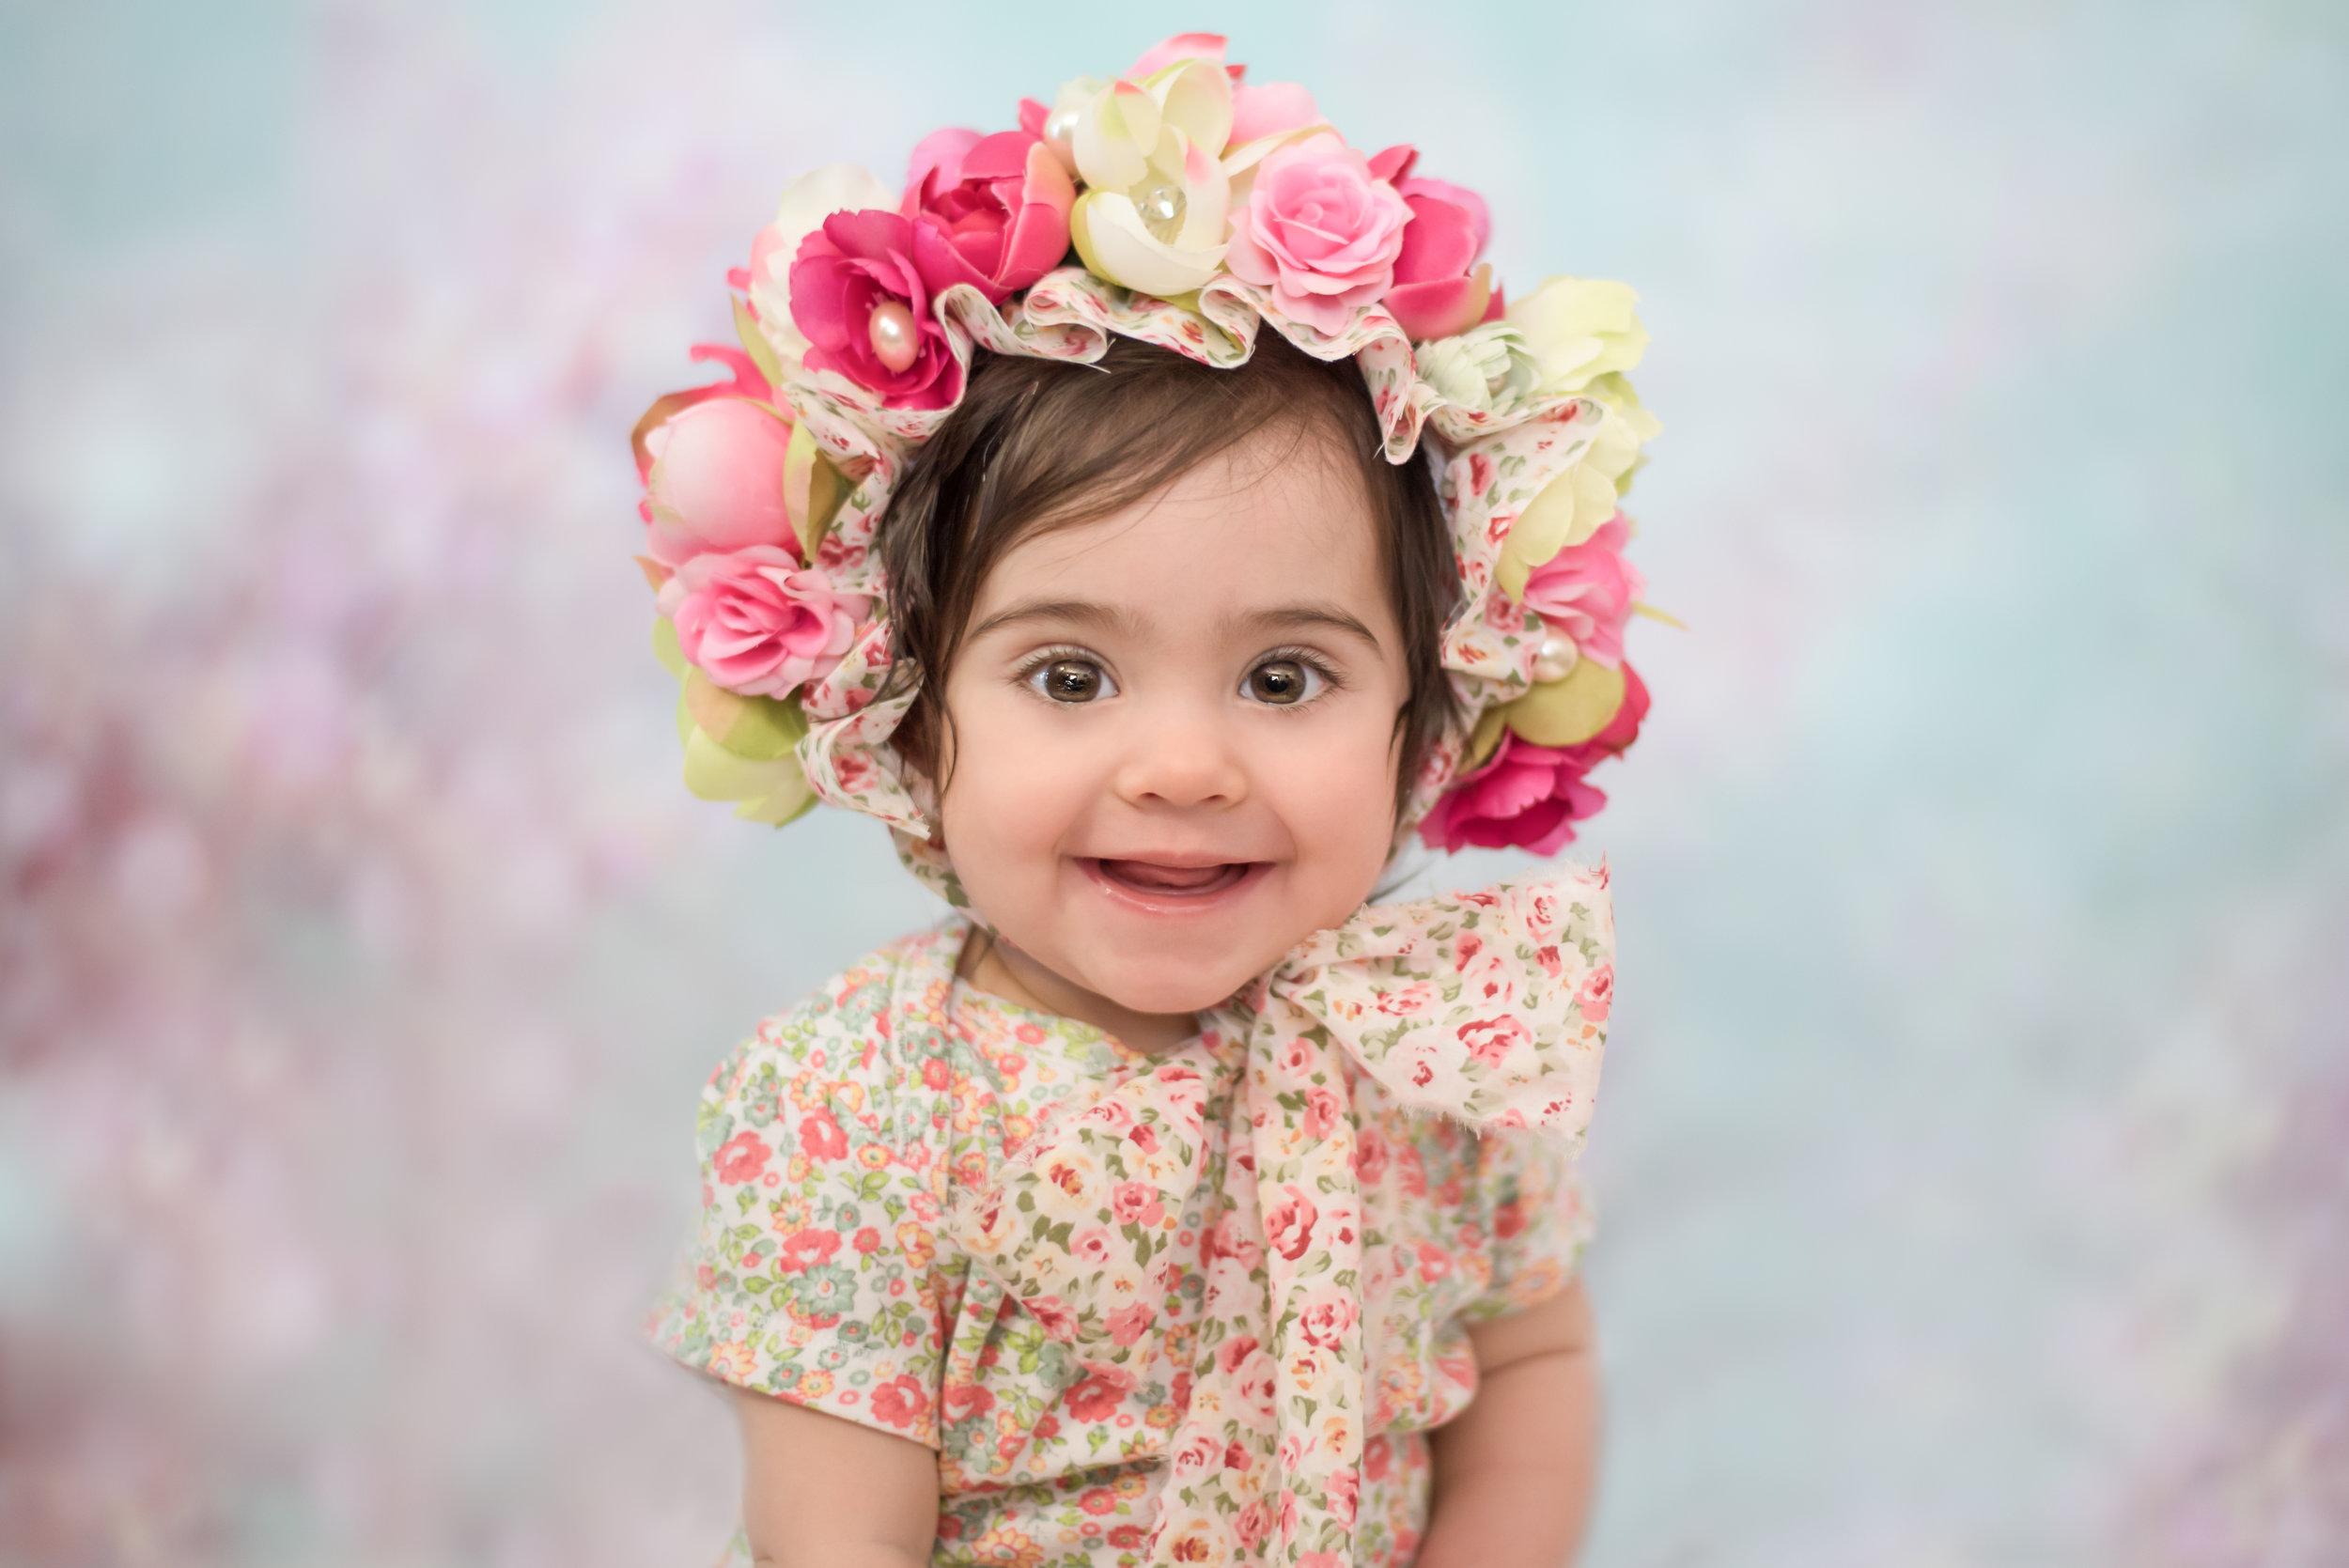 Collection Tulipe: 200$ - (1) heure de séance(2) choix de bonnet floral(10) photos numériques en haut résolution(10) photos imprimées 4x5 ou 5x7(1) Mini-Album Accordéon